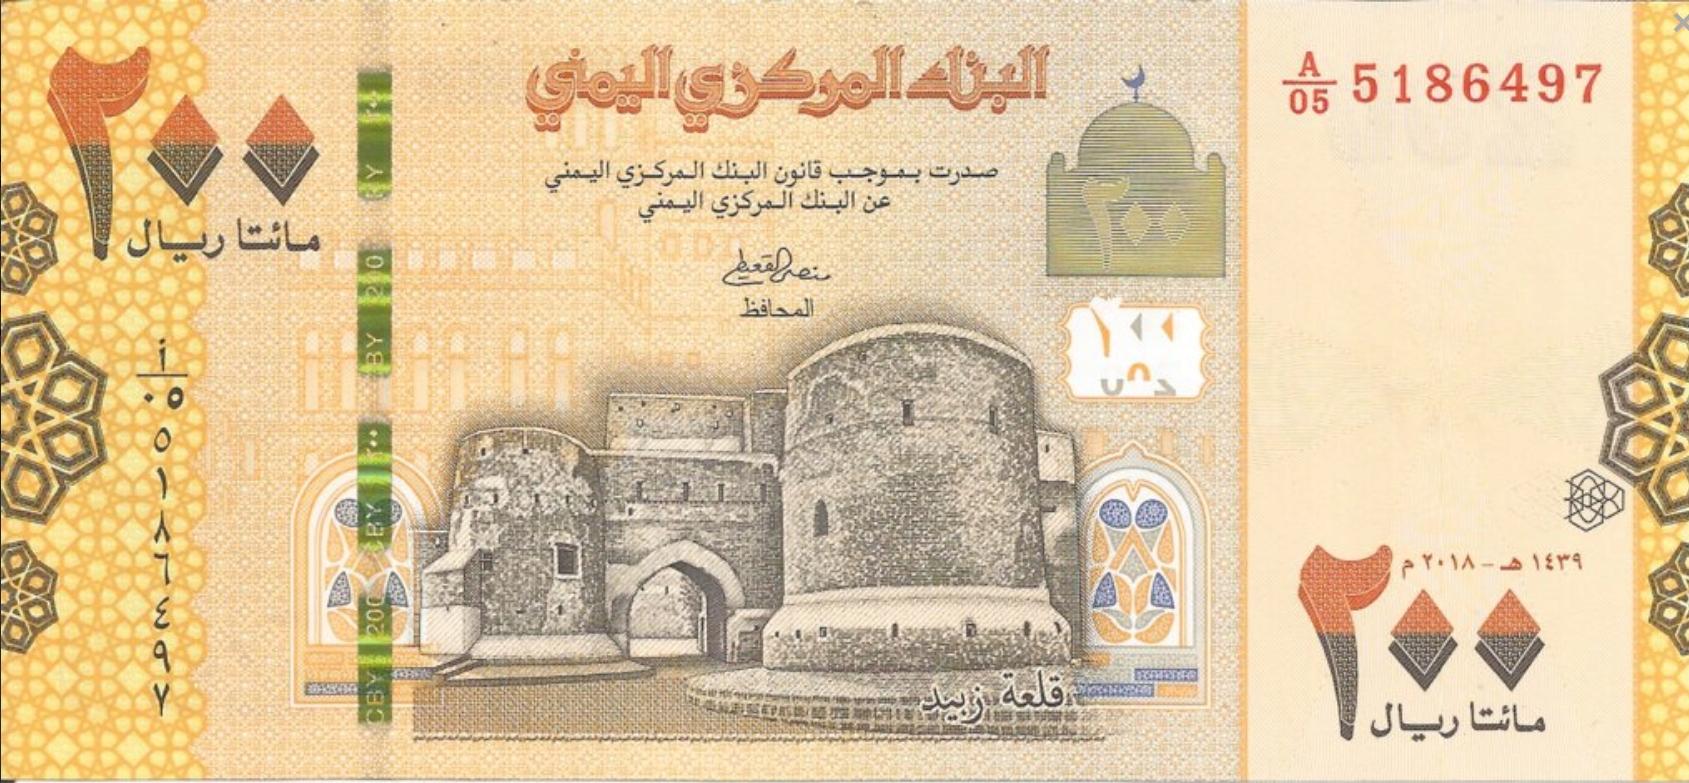 Йемен 200 Замок Риали 2018 P-38a